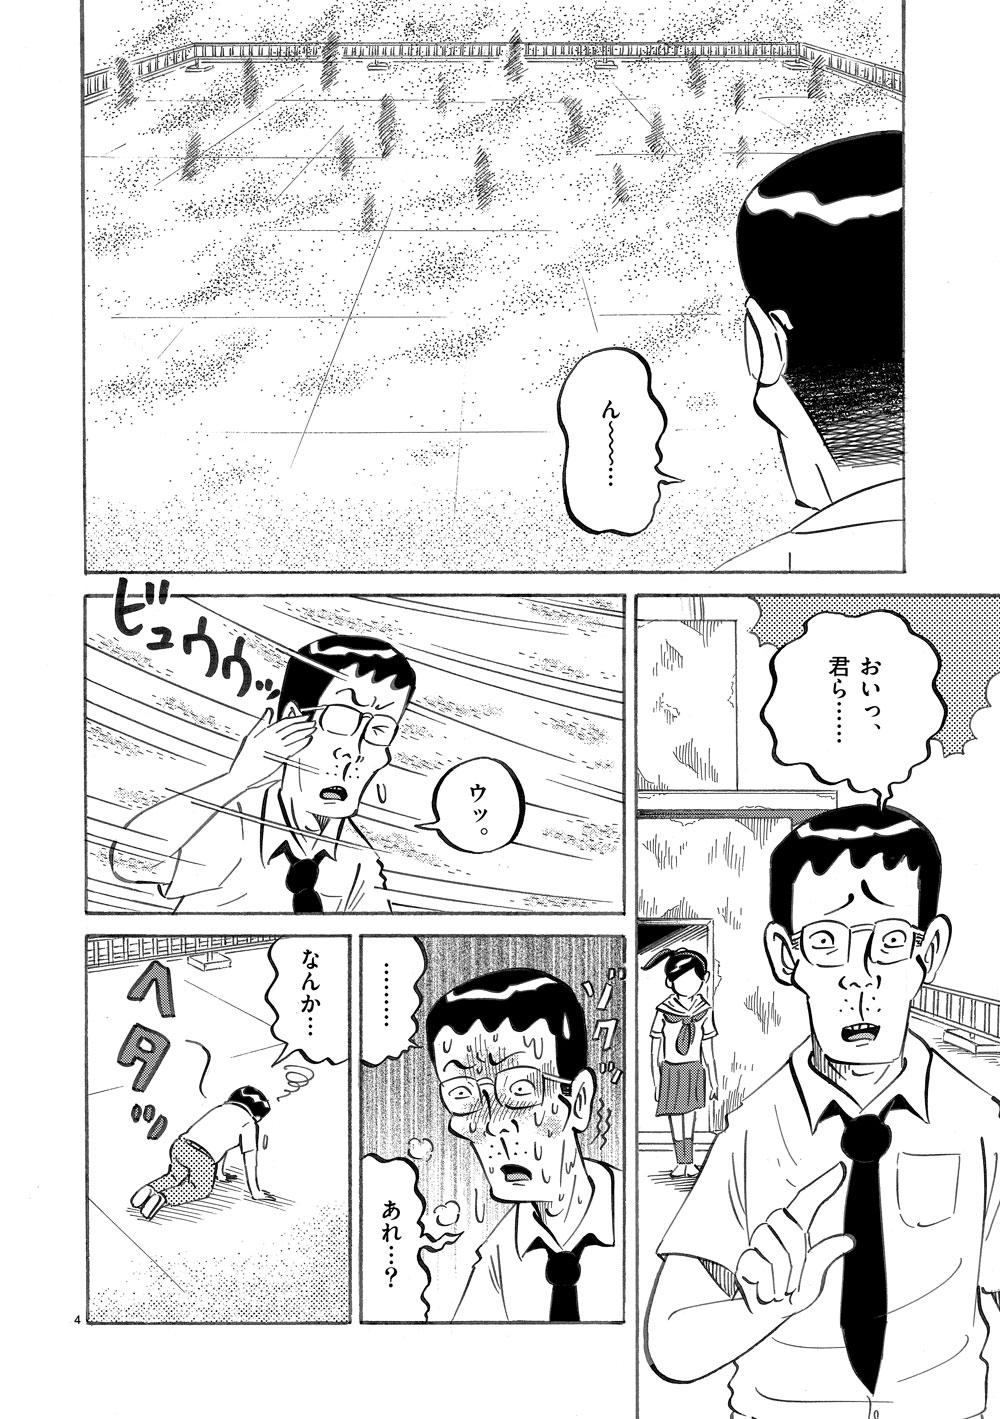 琉球怪談 【第11話】WEB掲載4ページ目画像